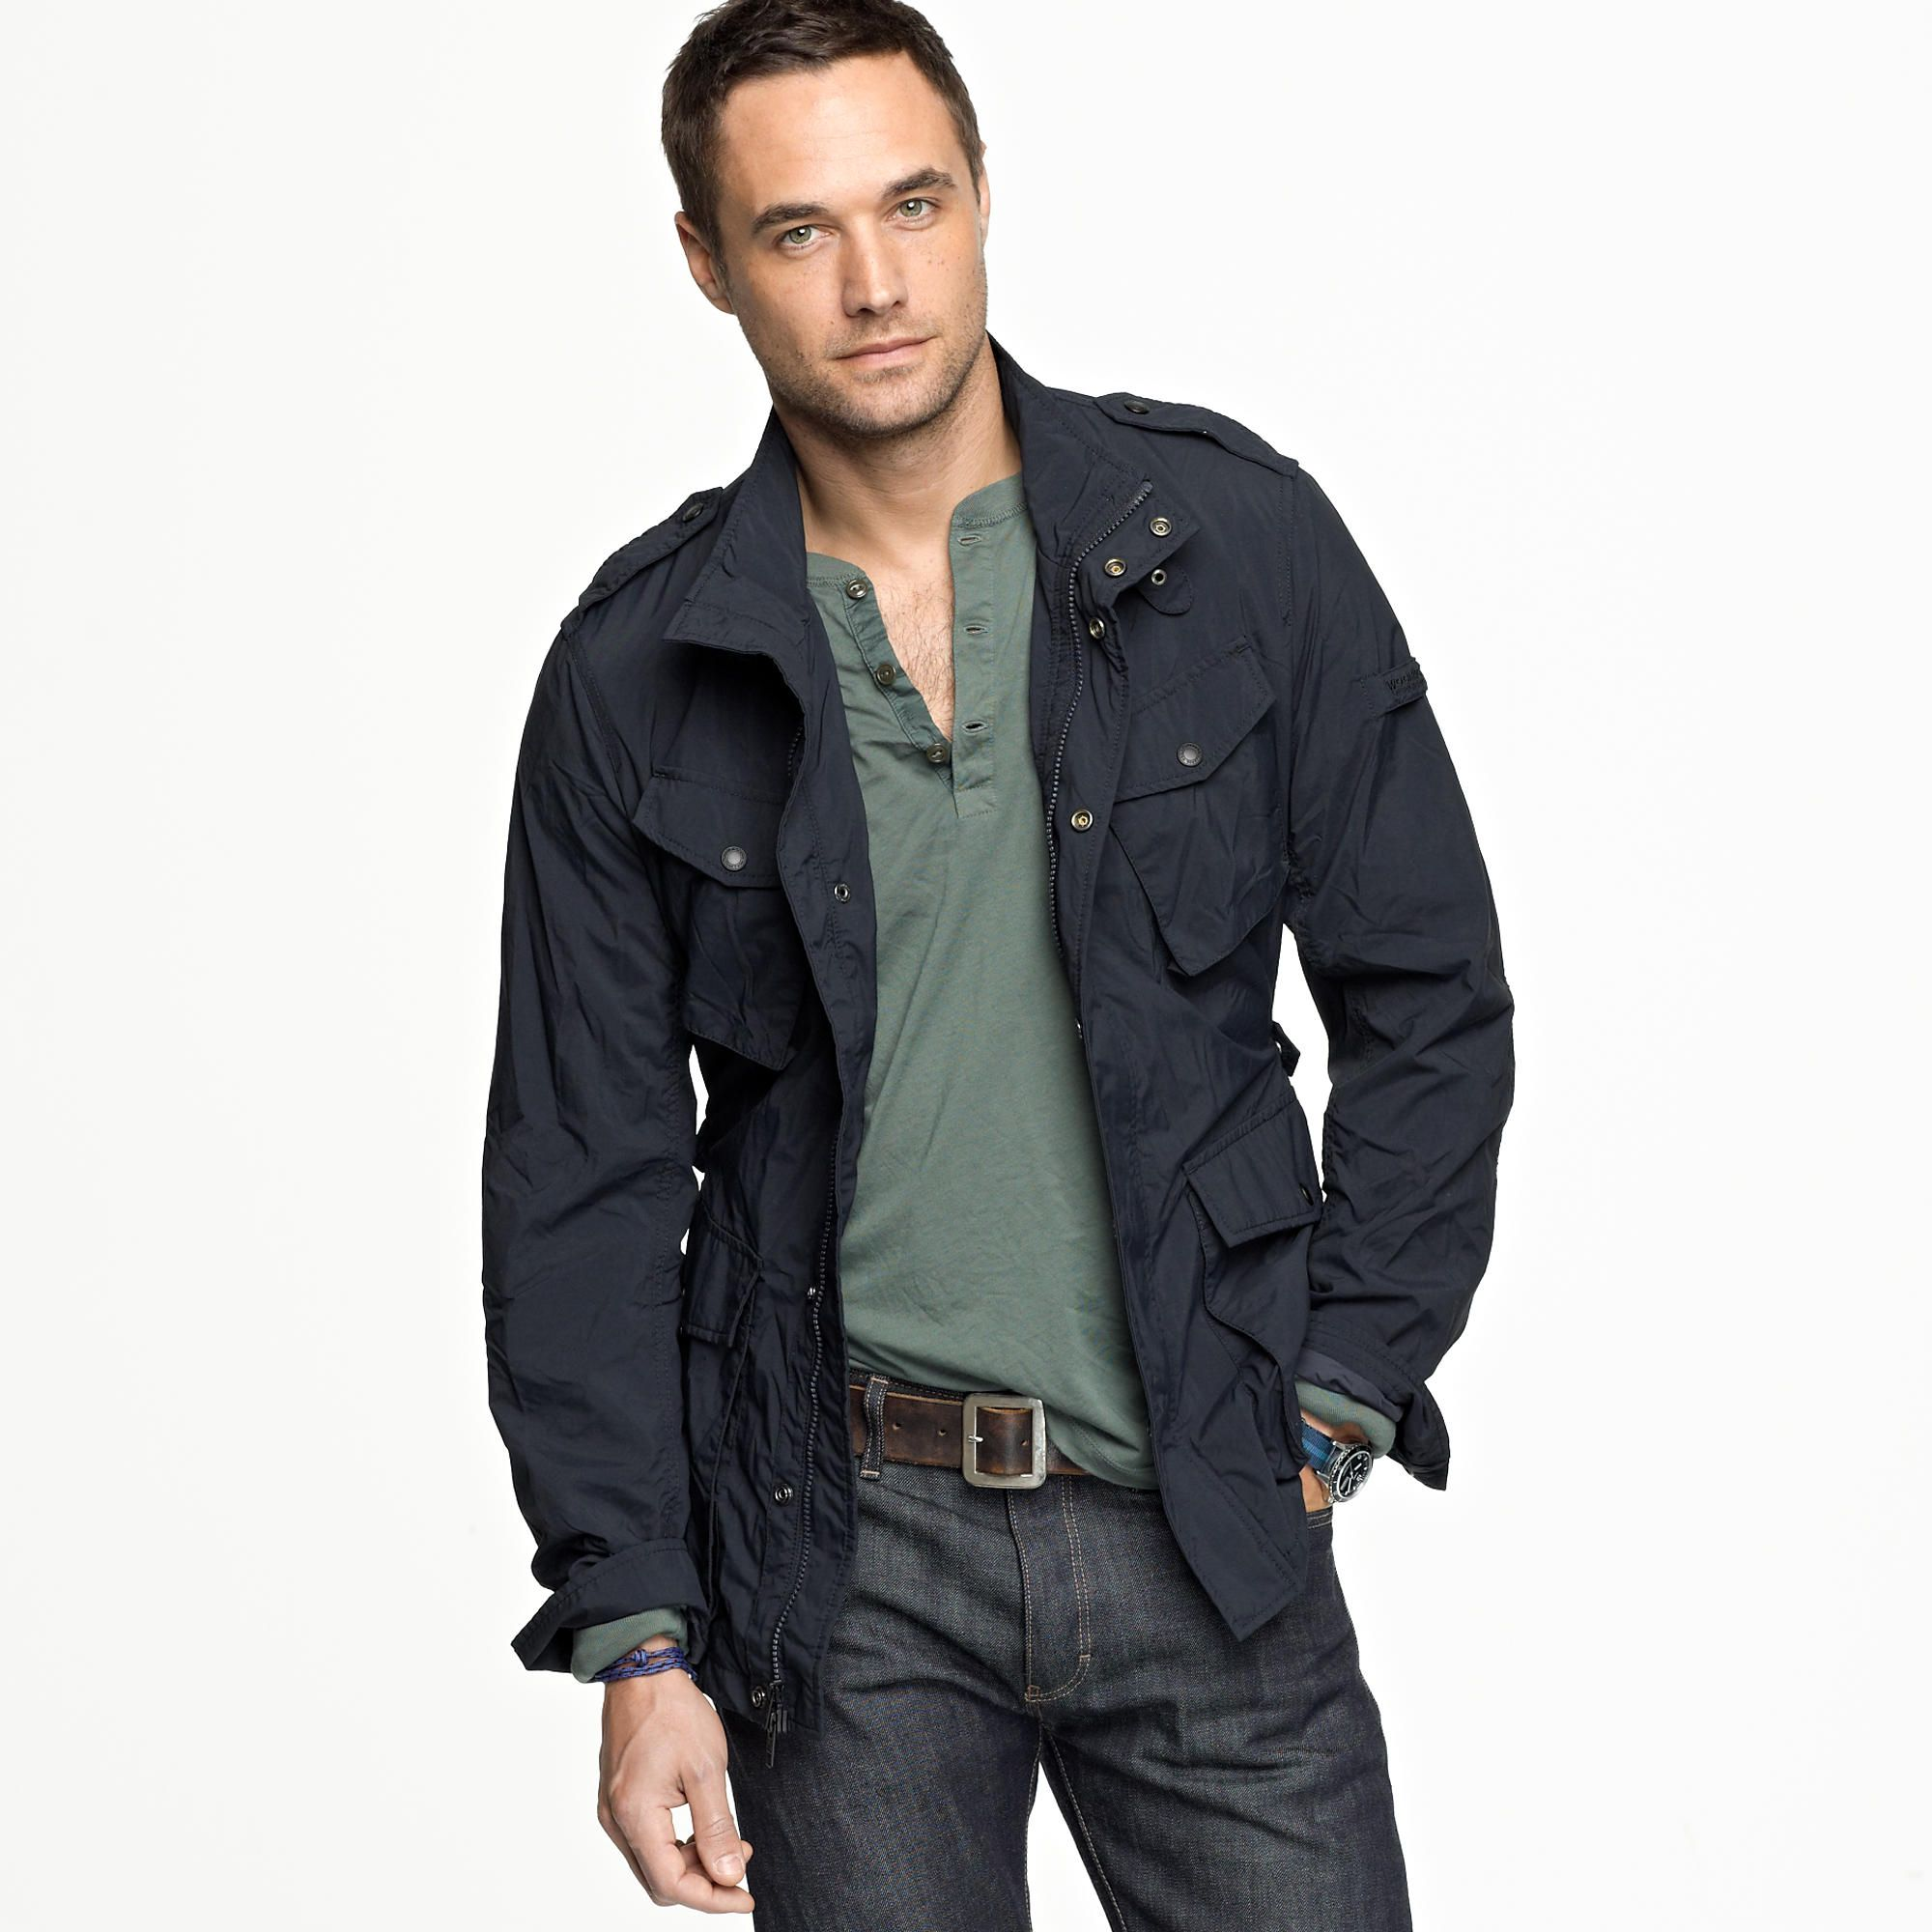 Dress Code - Woolrich John Rich & Bros.™ travel jacket